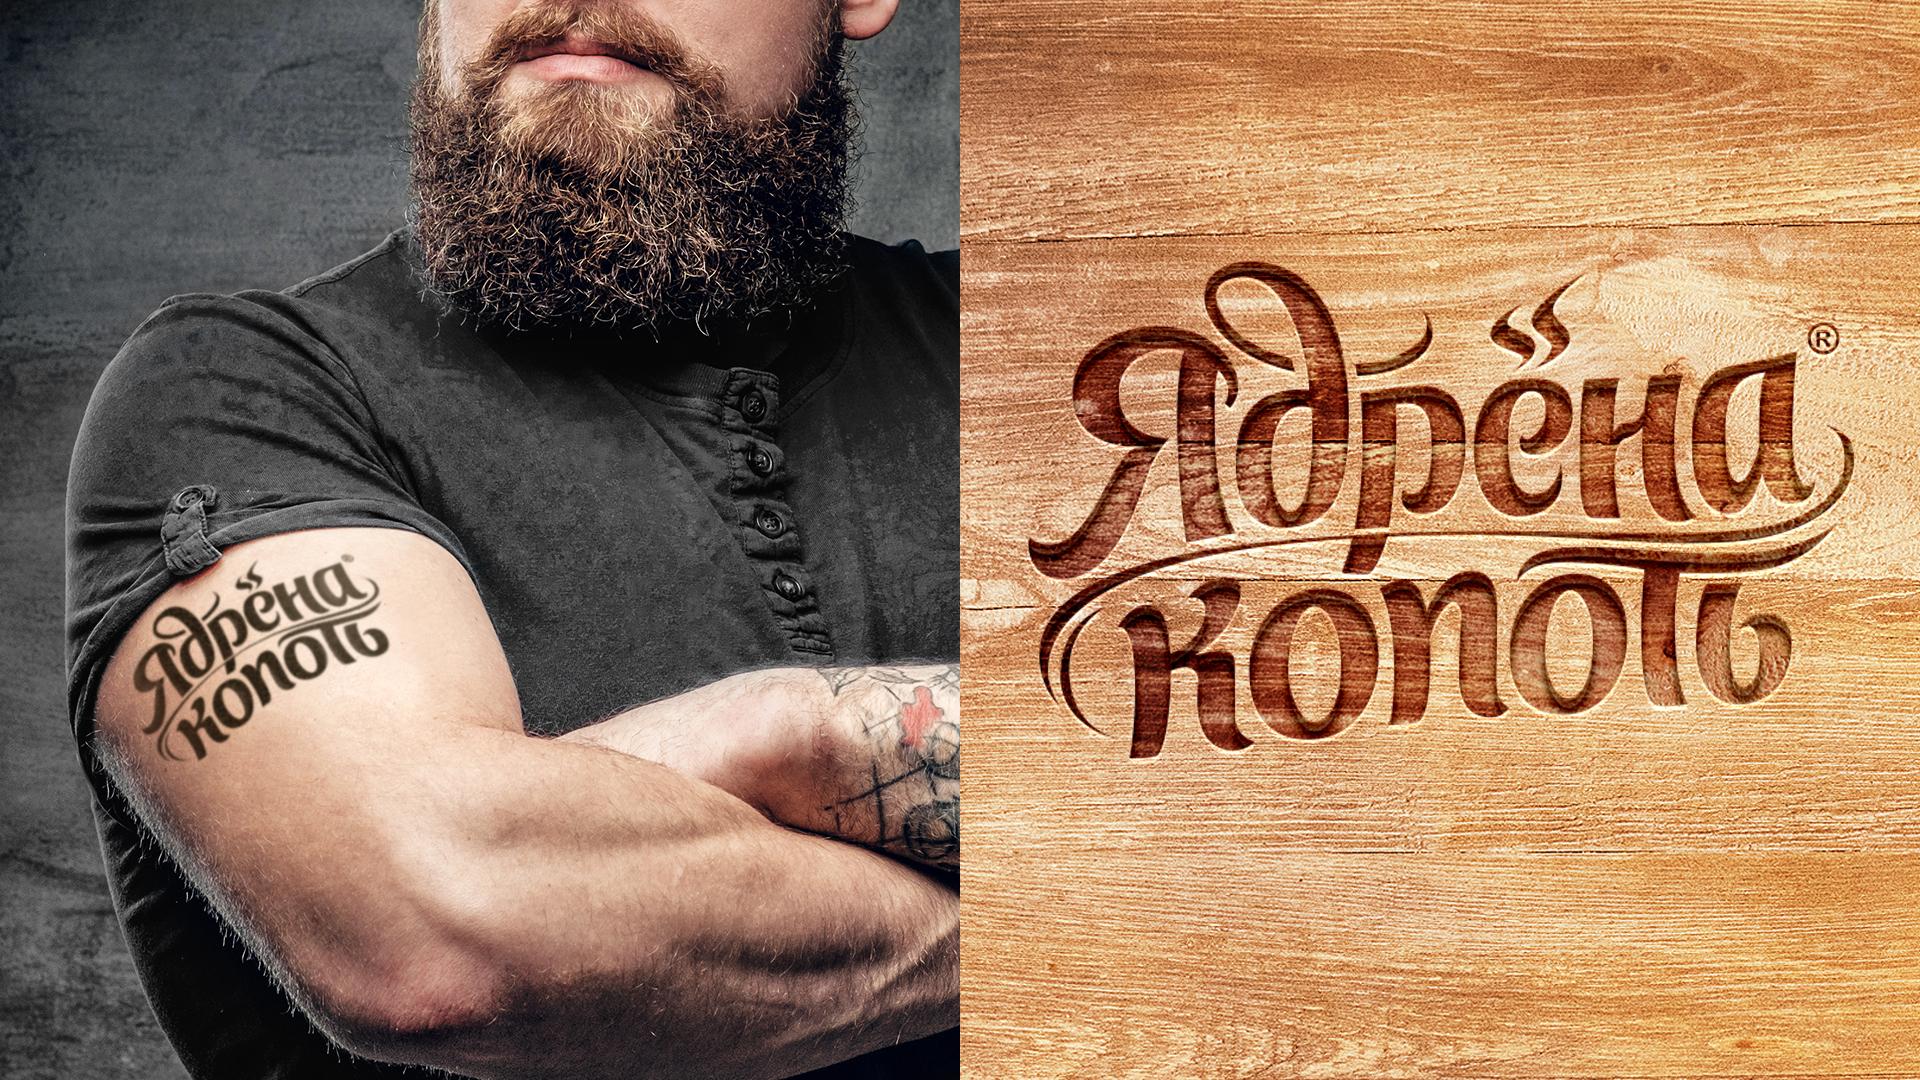 Wellhead разработало новый логотип для сосисок Ядрёна копоть